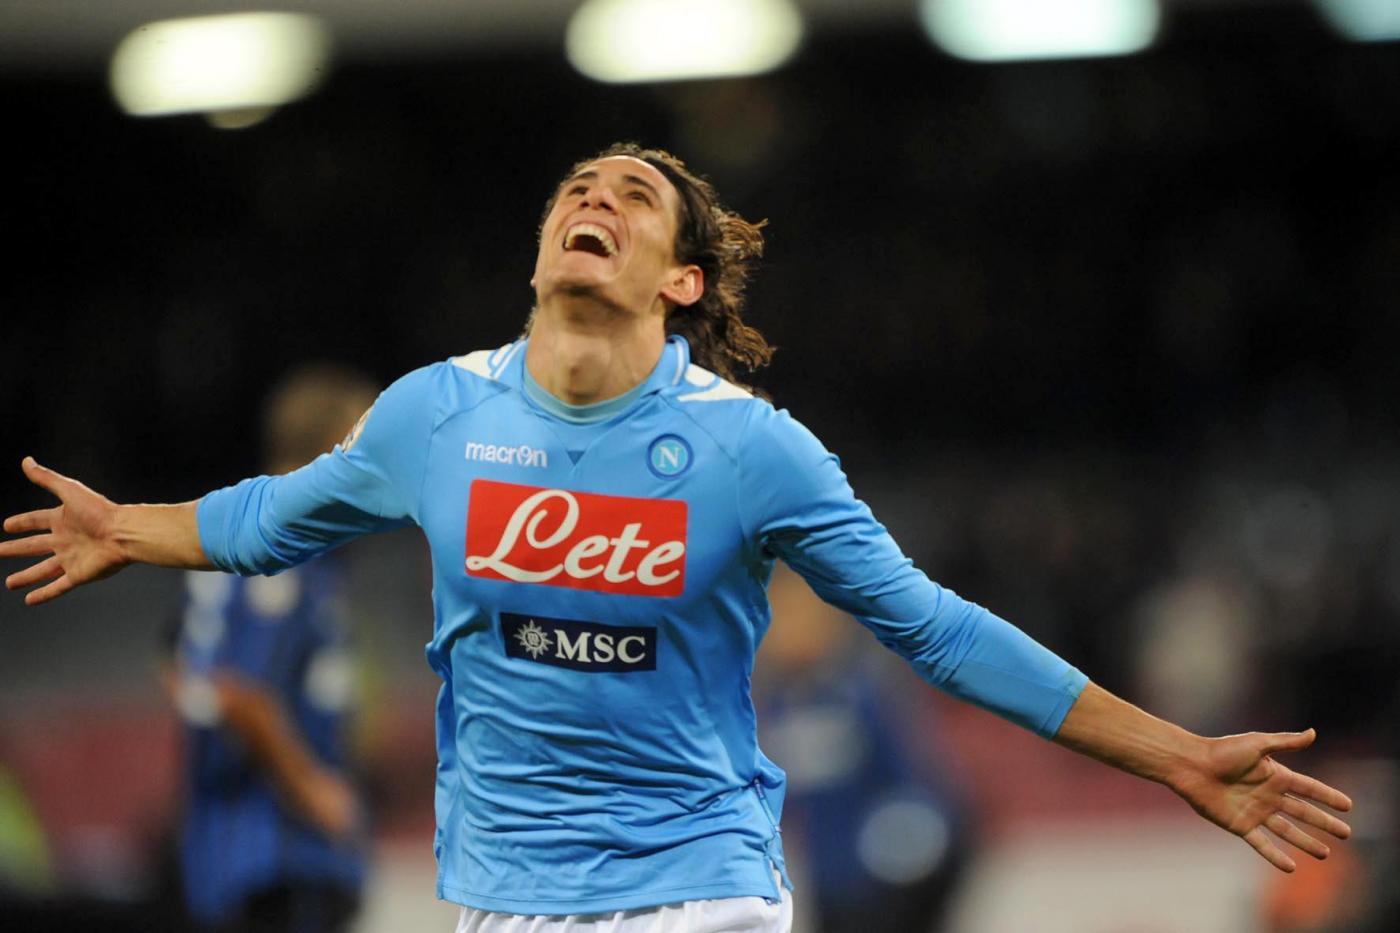 Ascolti tv mercoledì 25 gennaio 2012: domina Napoli-Inter, bene l'Isola 9